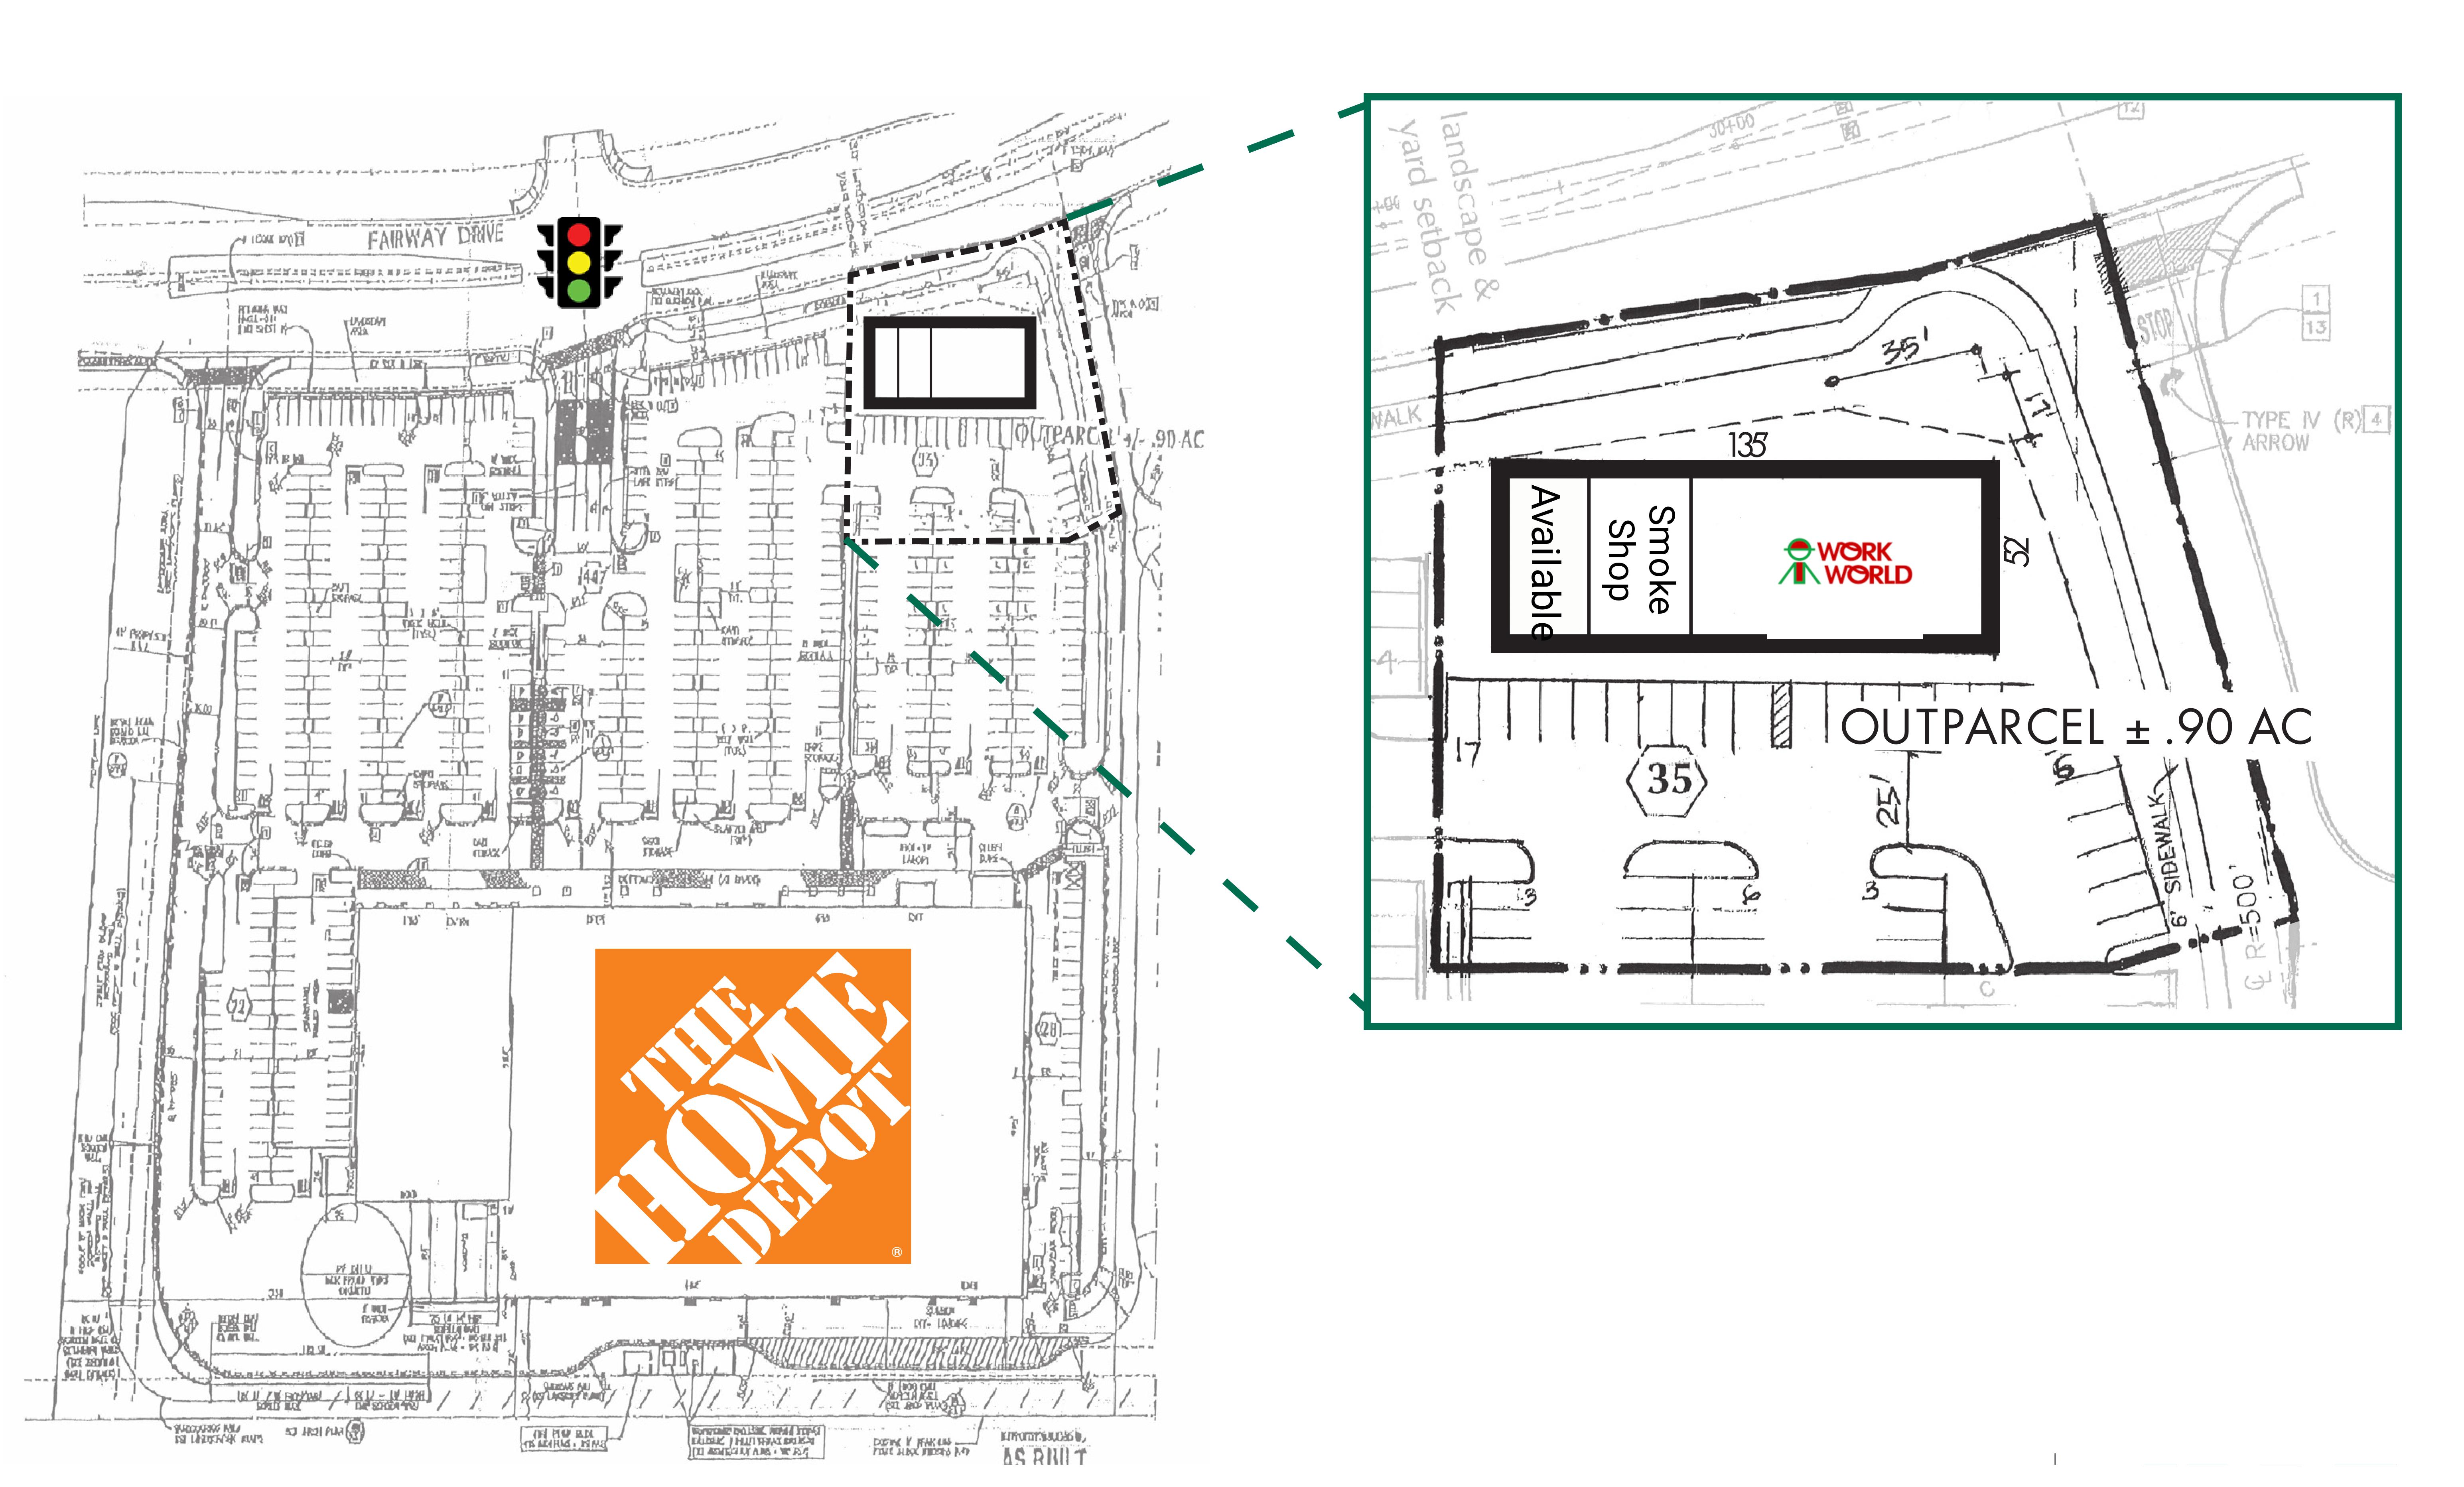 9951 Fairway Dr: site plan